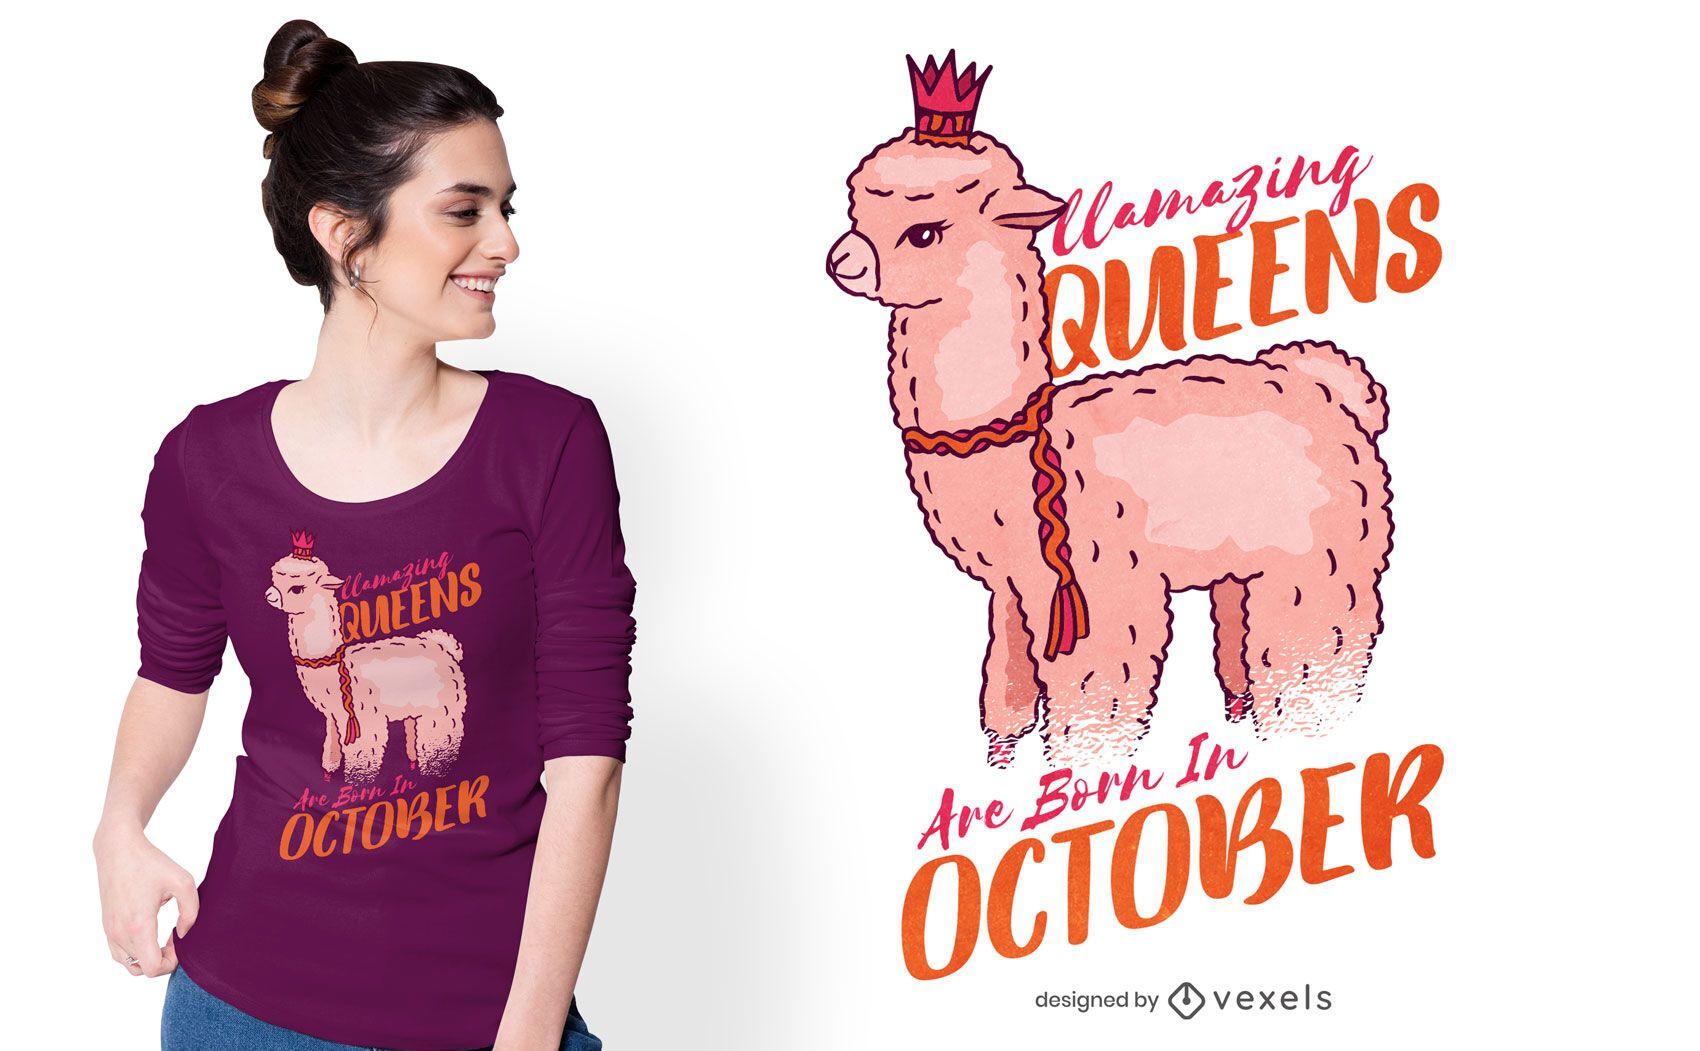 Llamazing queens t-shirt design